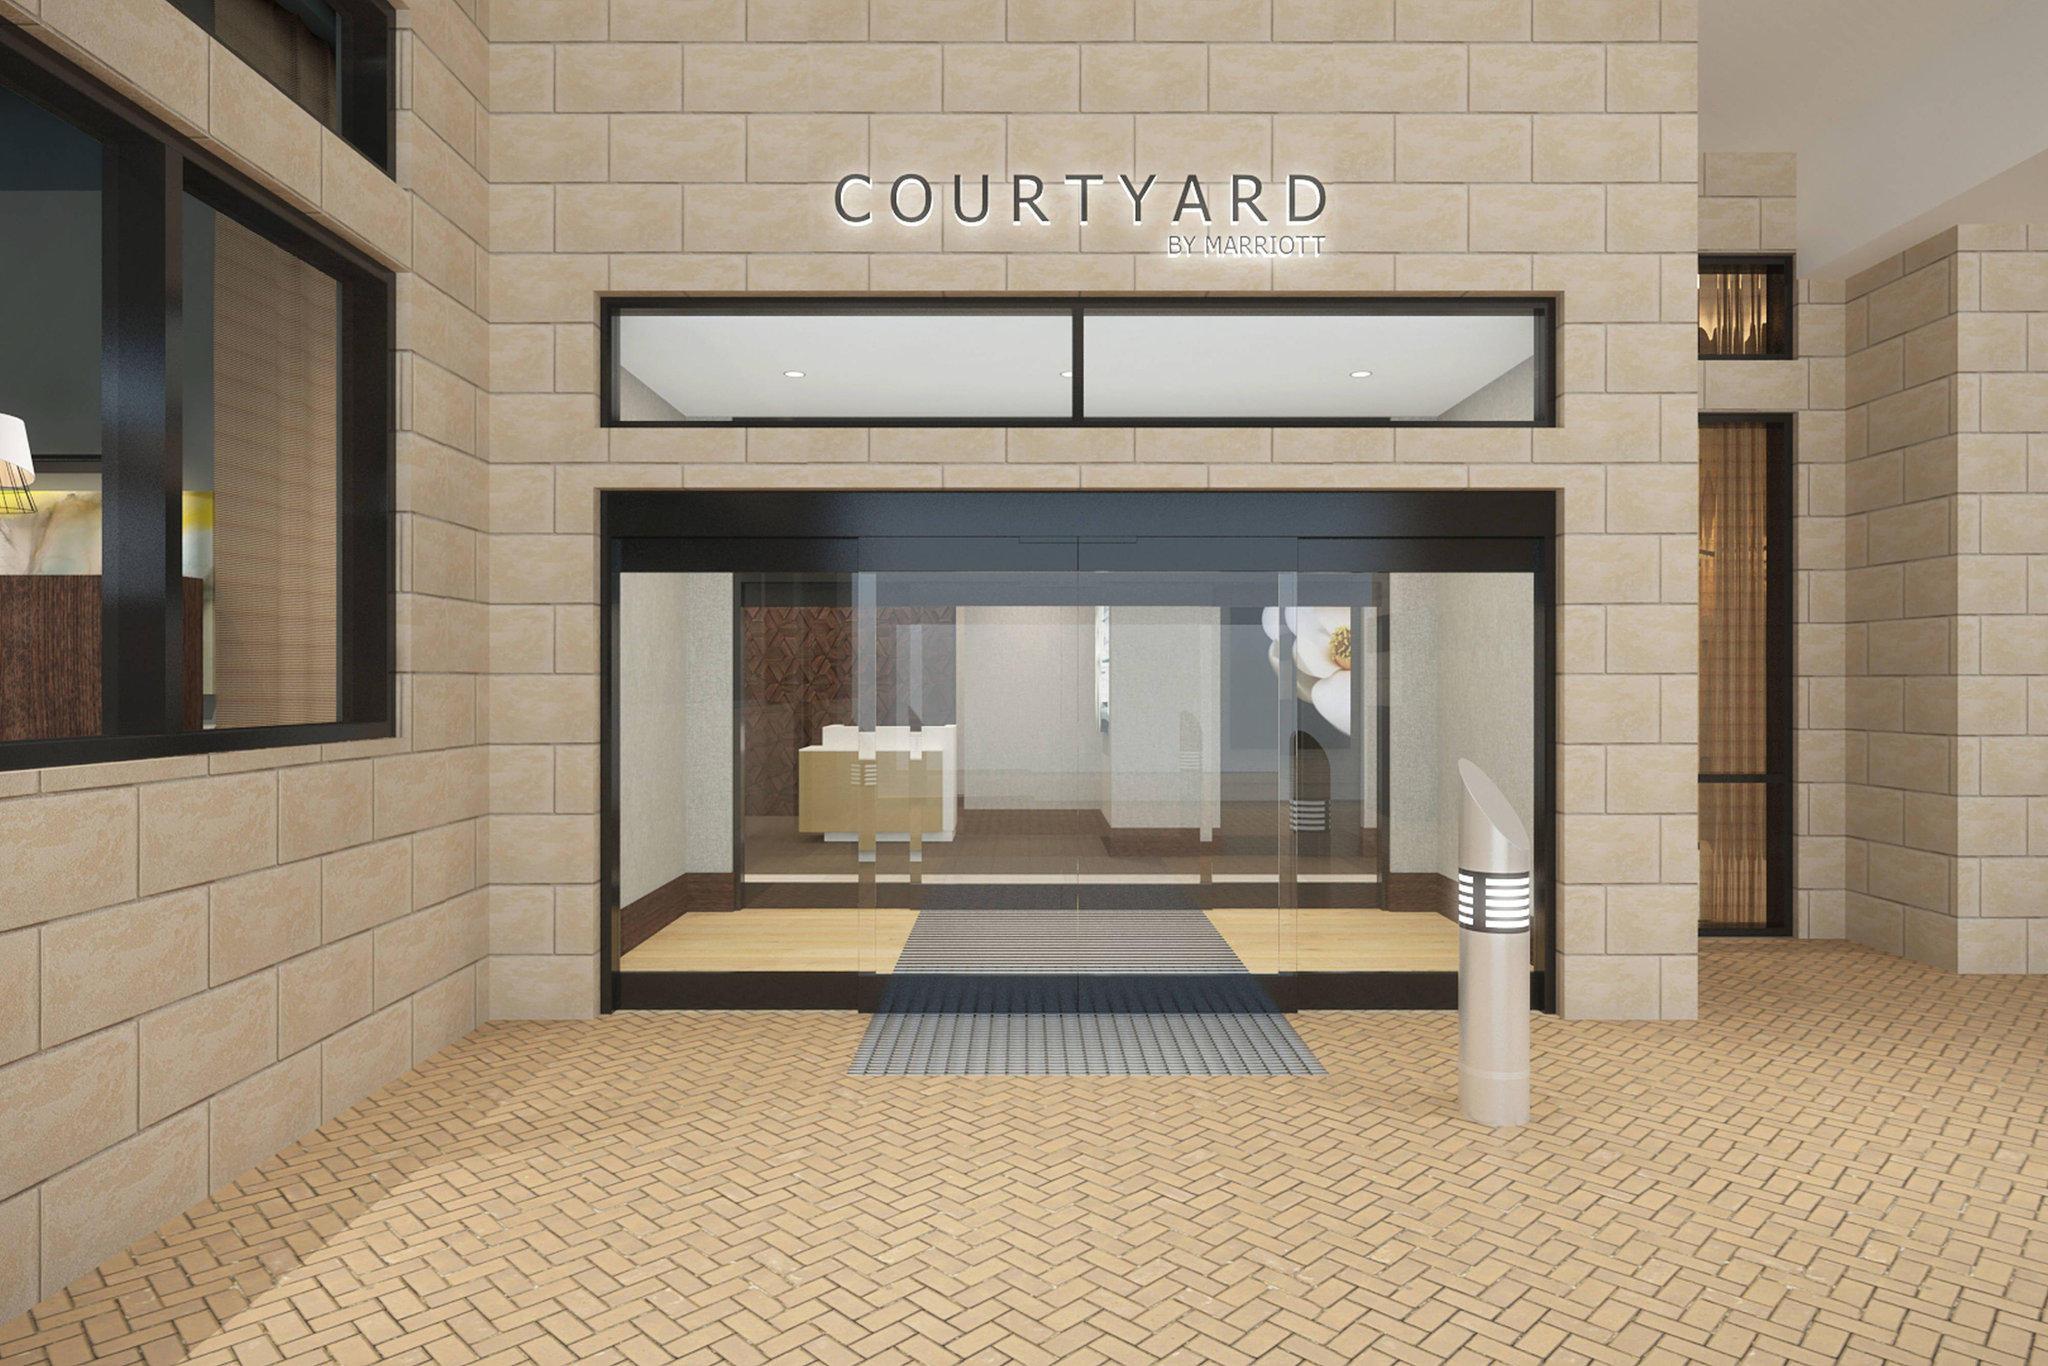 Courtyard by Marriott Atlanta Midtown